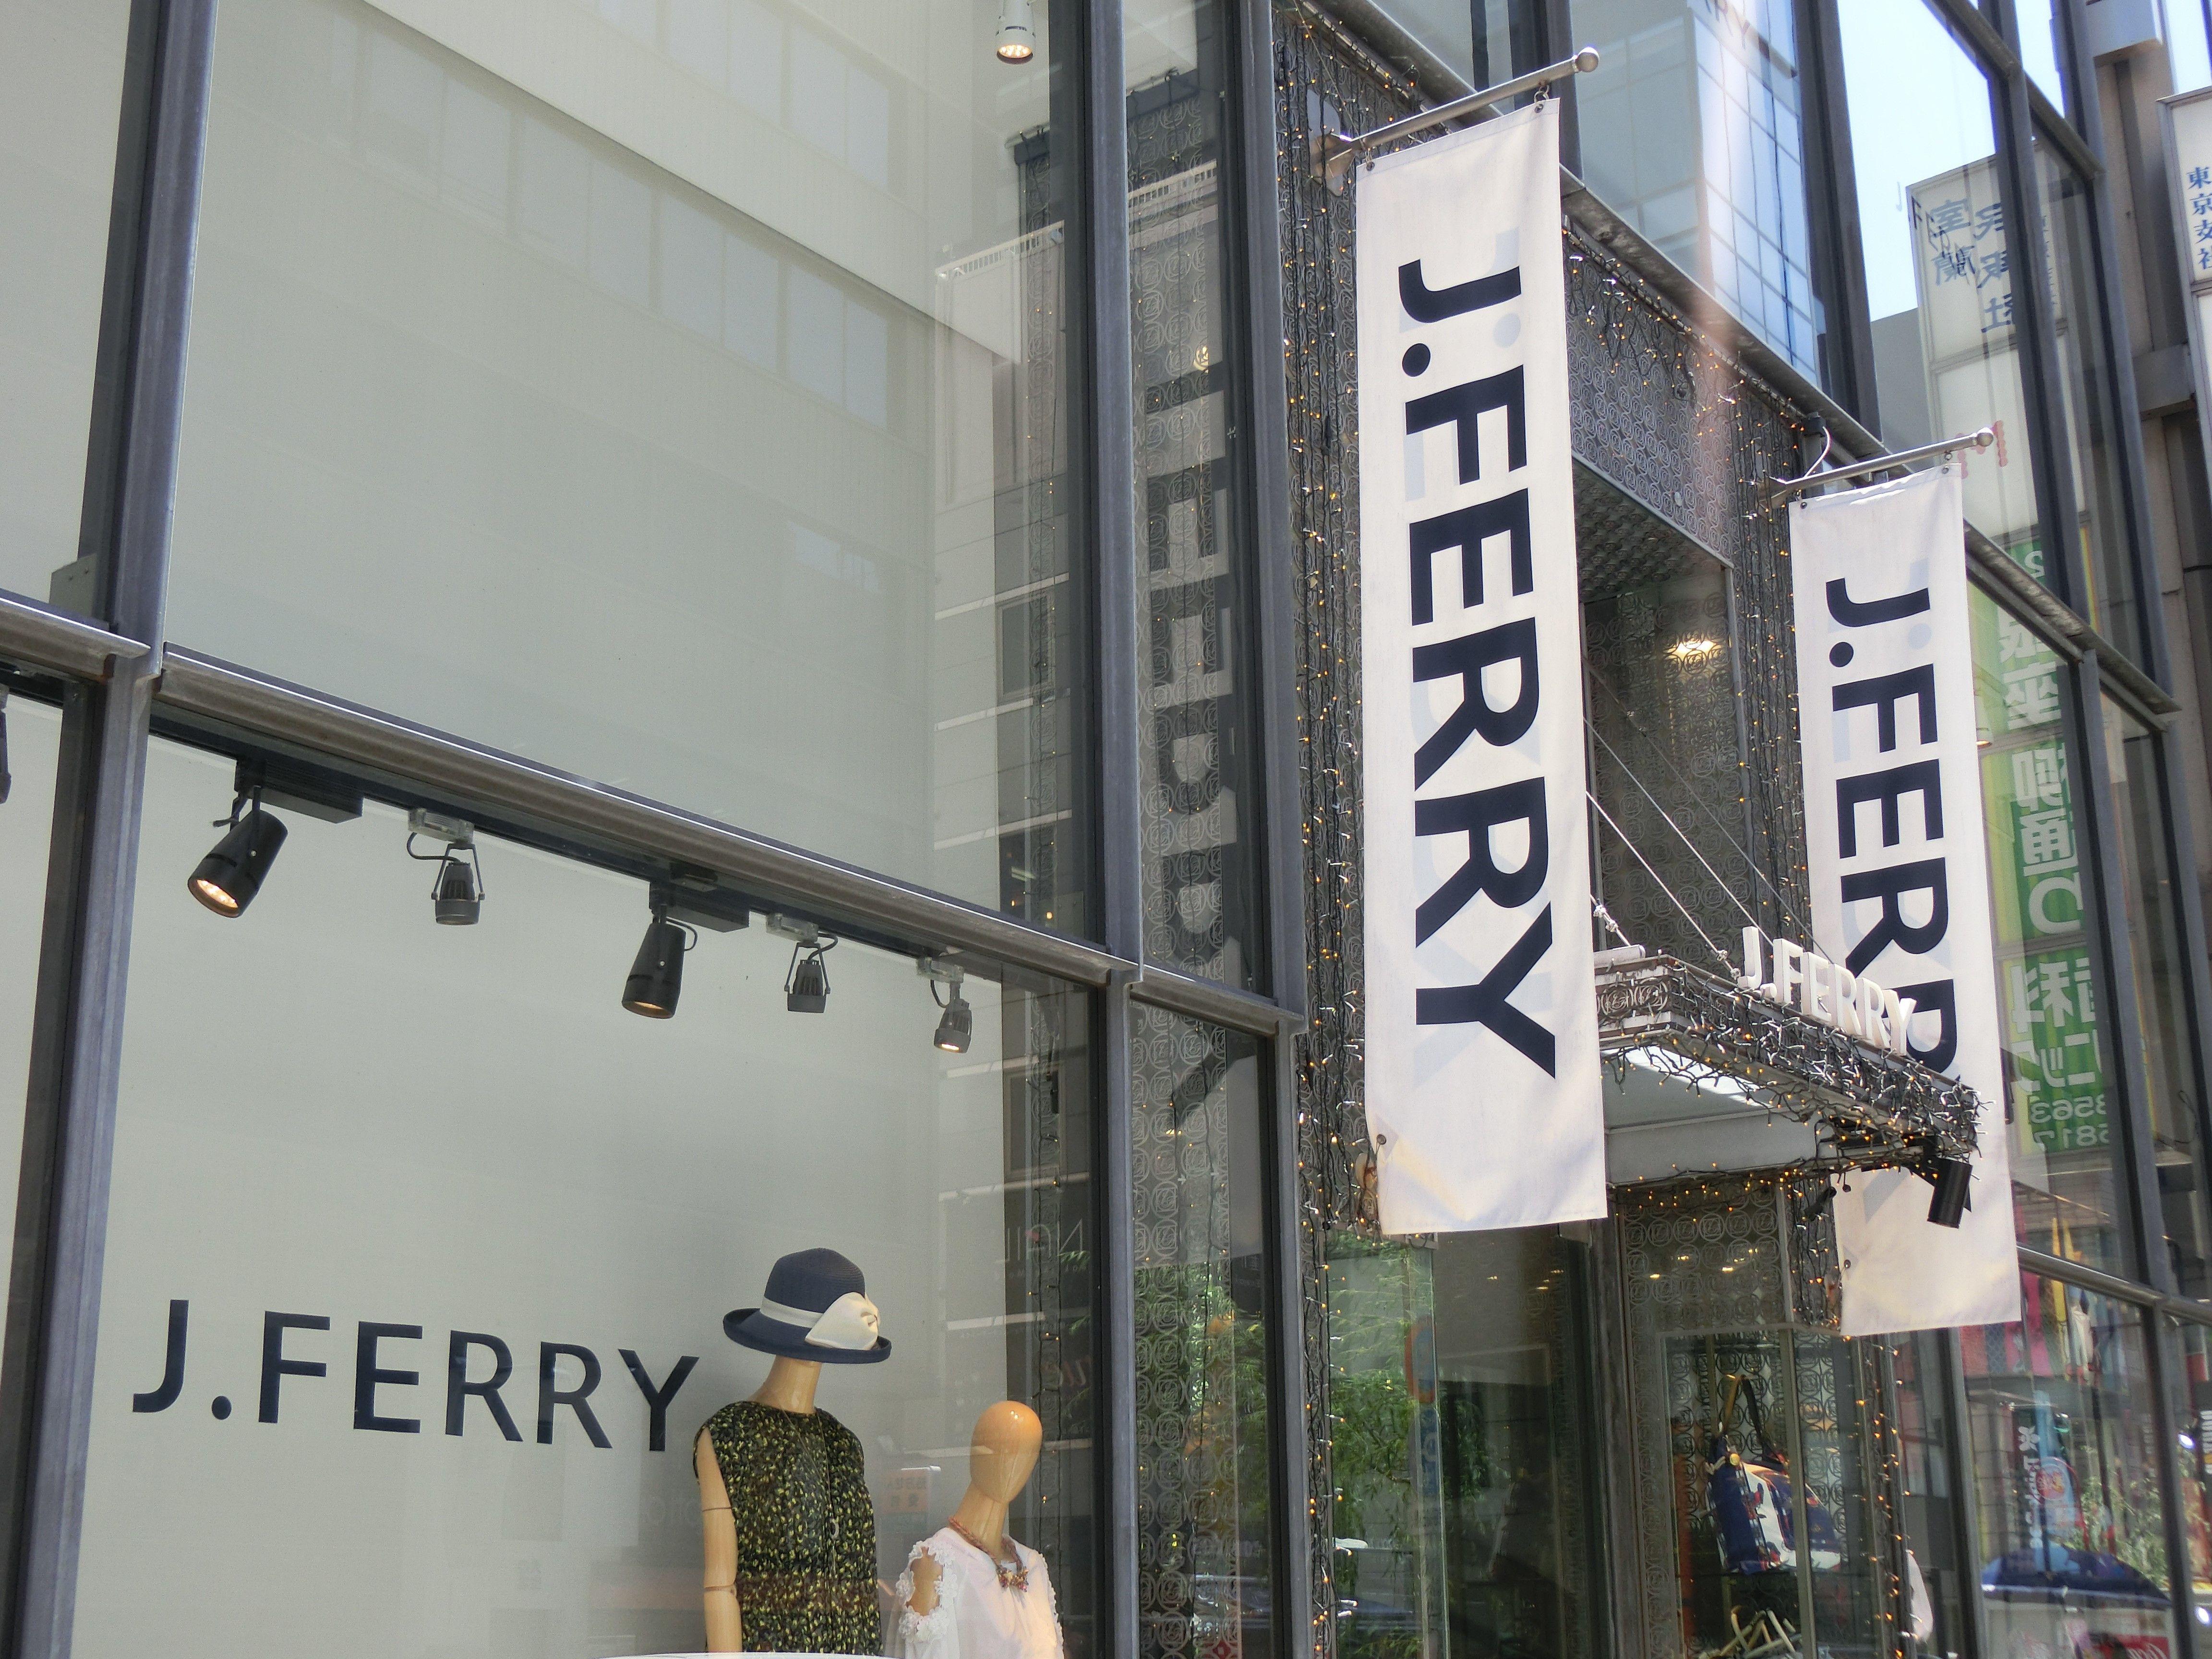 アパレル「J.FERRY」が民事再生法を申請 粉飾決算も